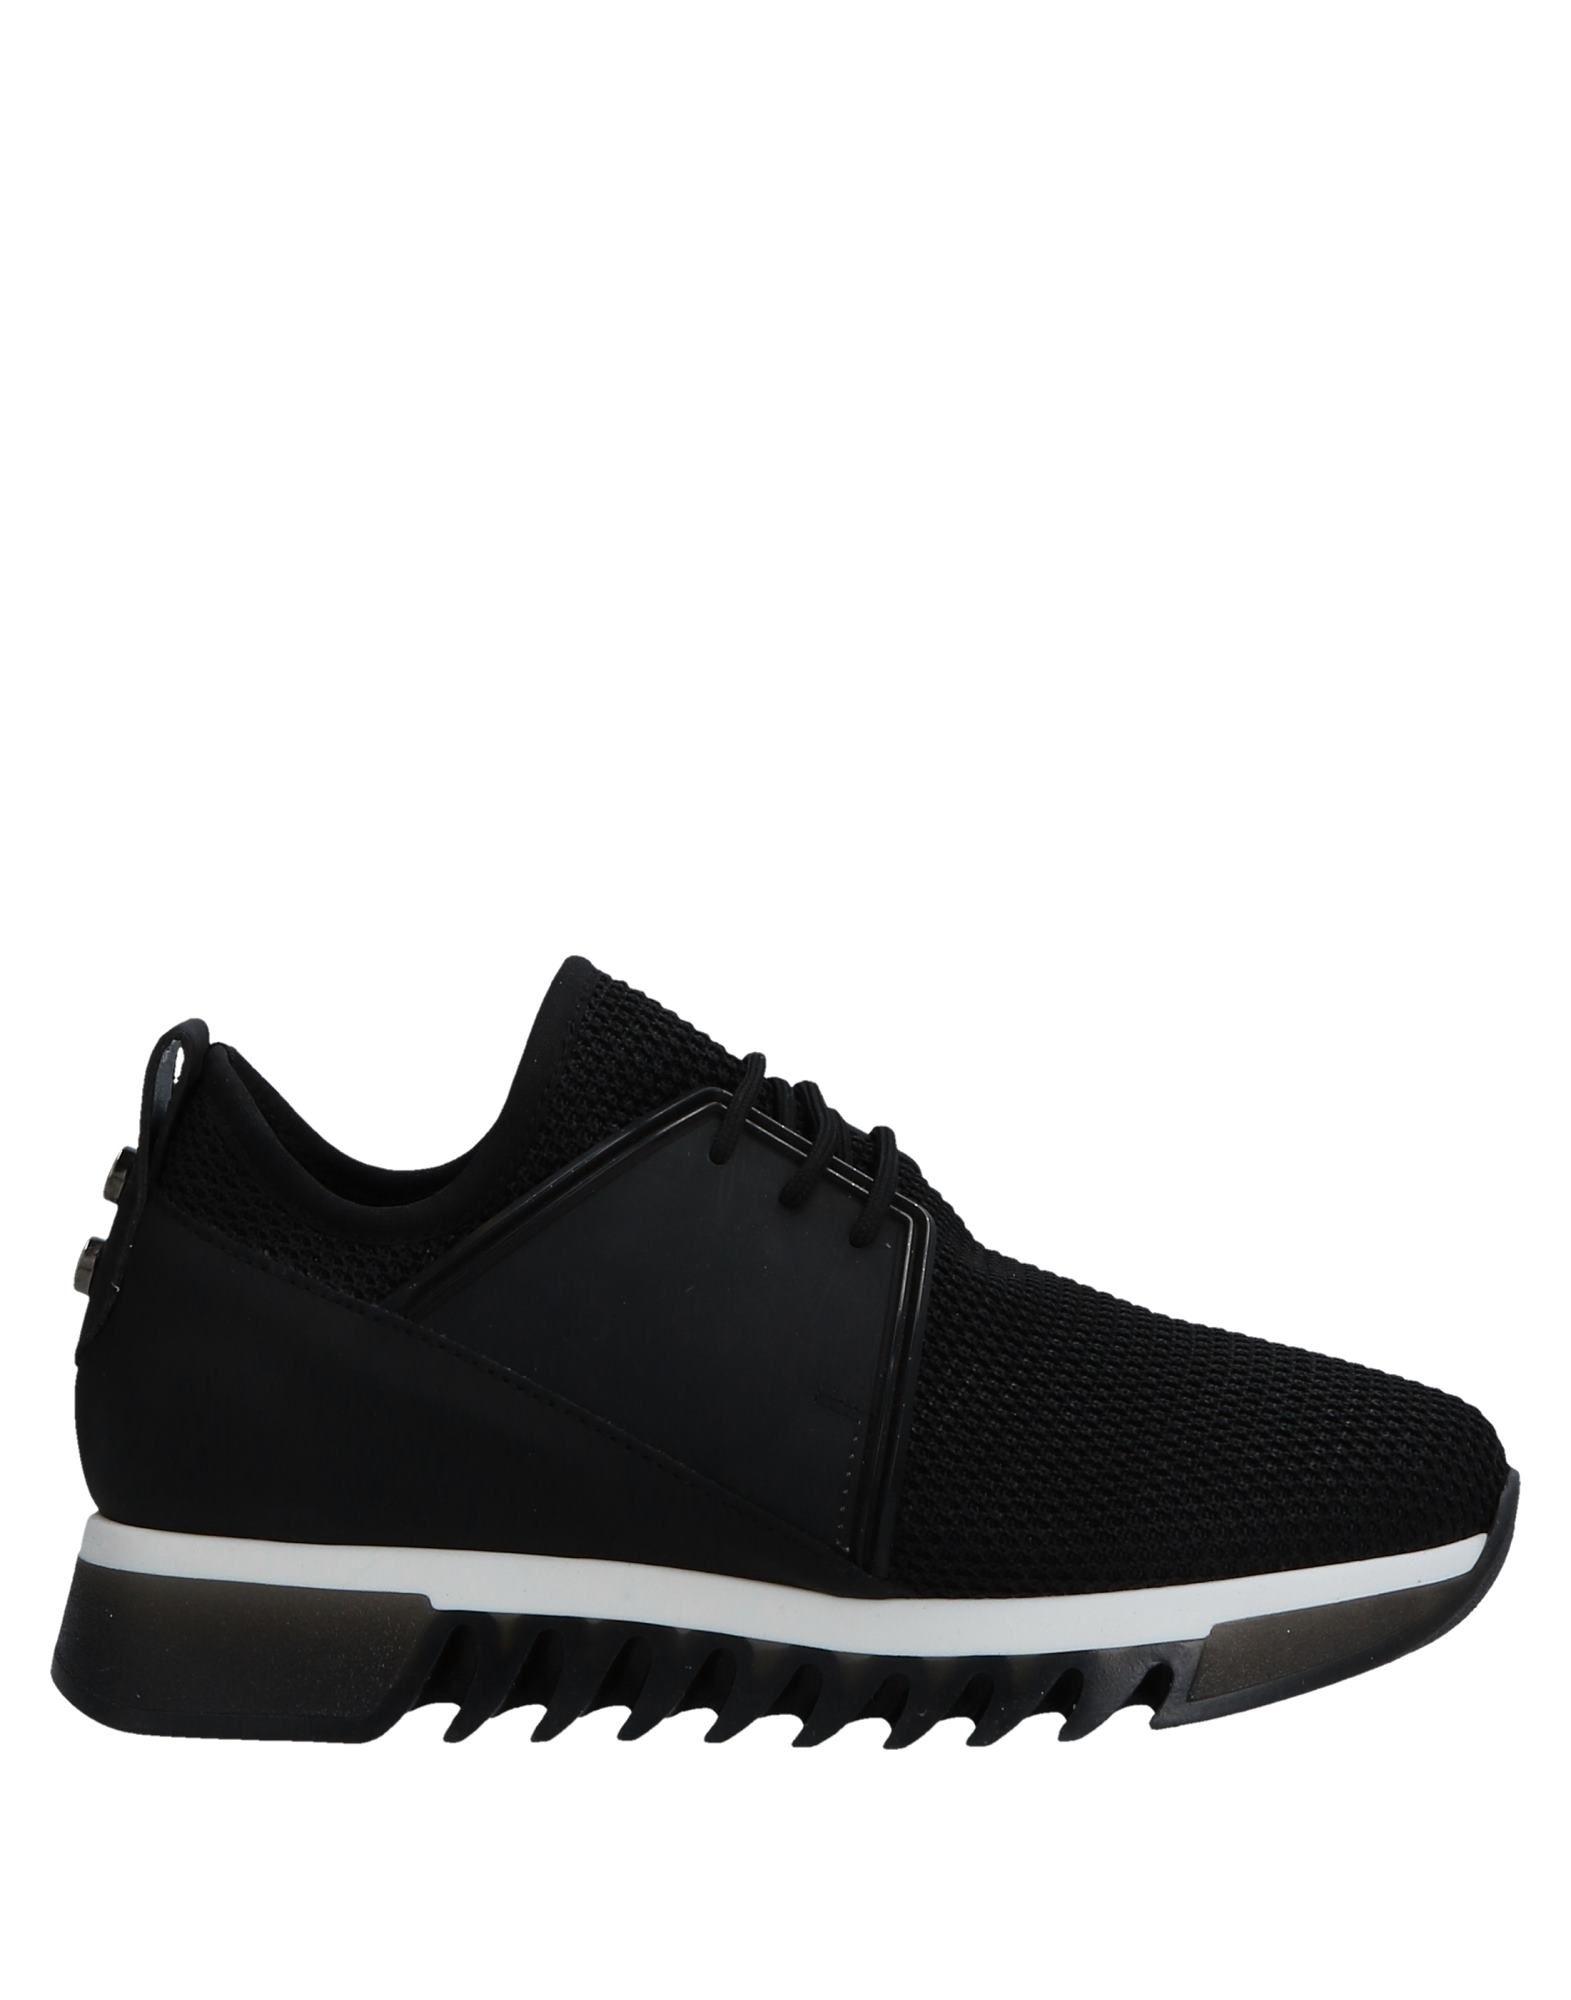 Nuevos hombres zapatos para hombres Nuevos y mujeres, descuento por tiempo limitado Zapatillas Alexander Smith Mujer - Zapatillas Alexander Smith  Negro ea2b55